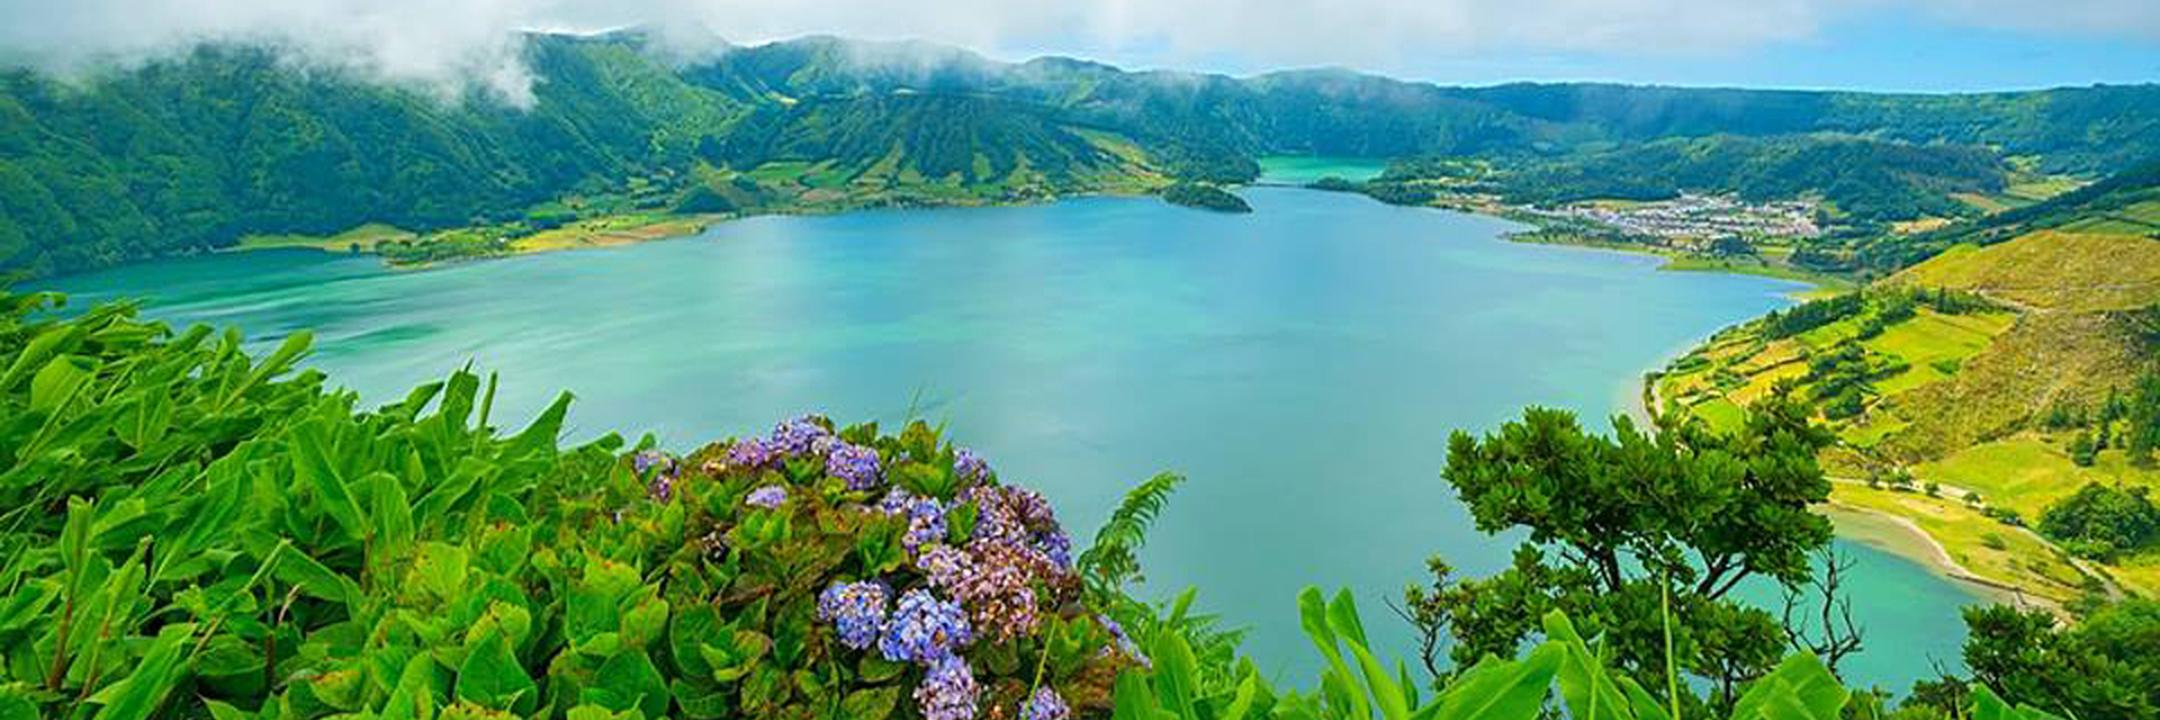 Ponta Delgada: um cenário mágico aqui tão perto